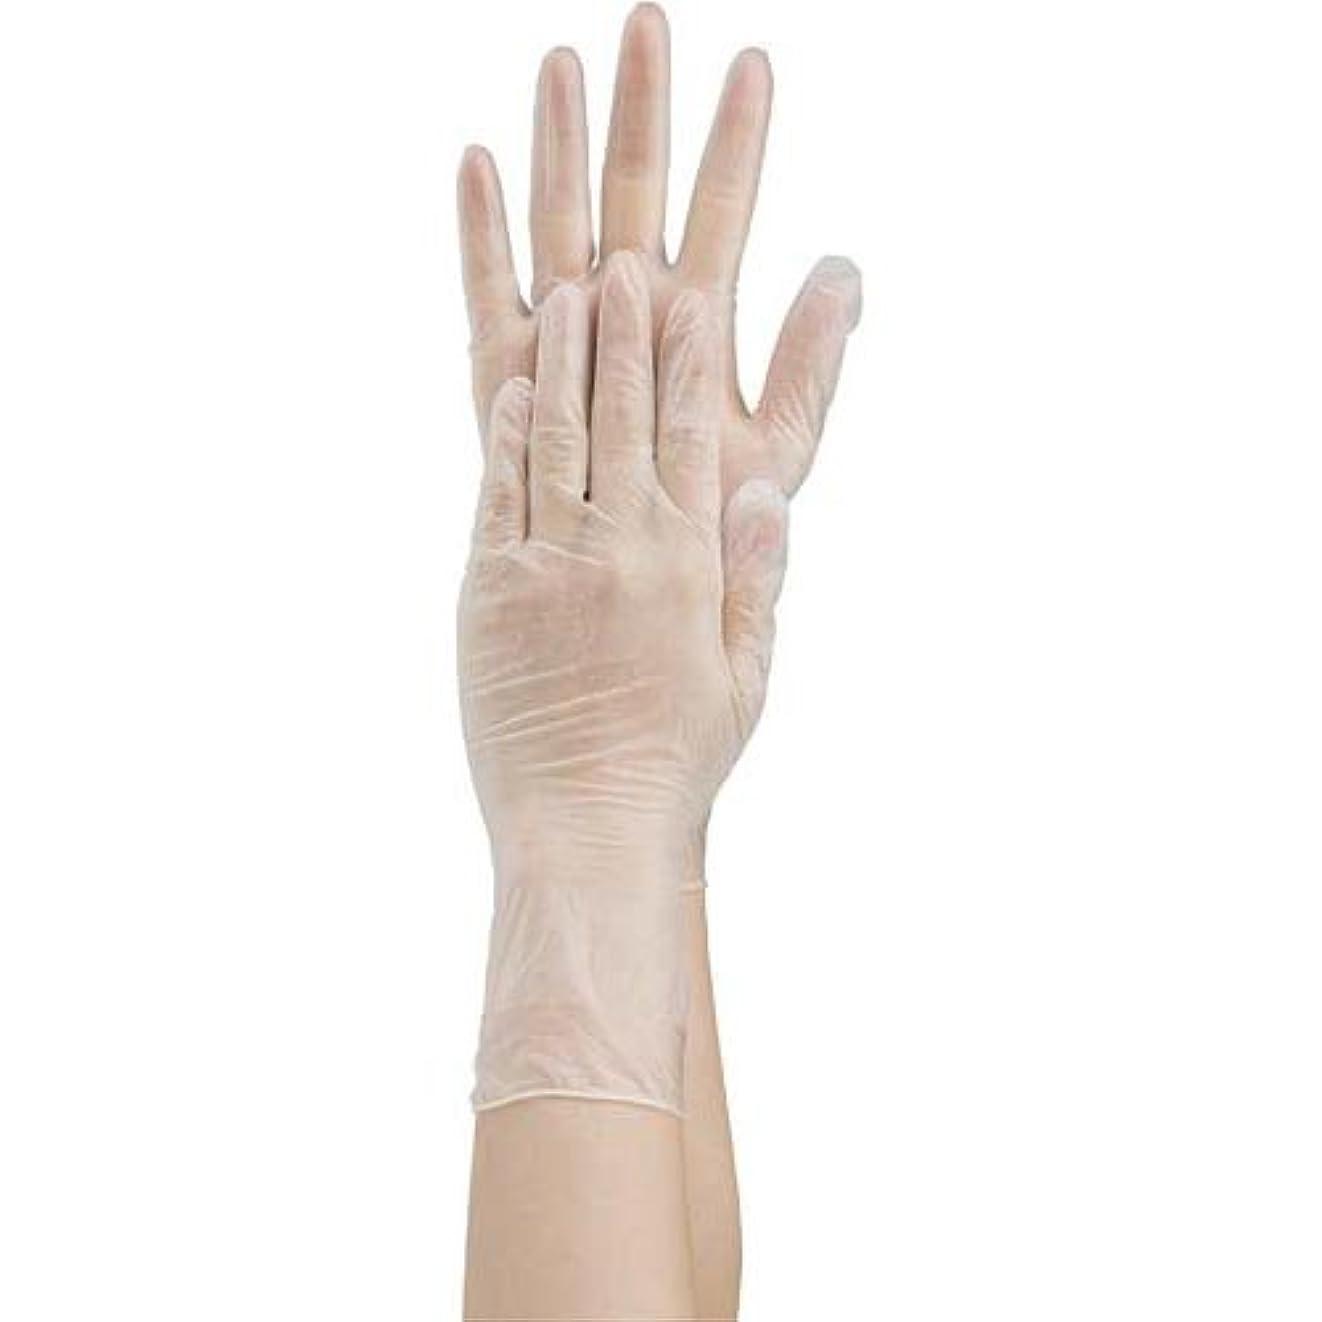 トロリーバス調整する矢じり共和 プラスチック手袋 粉付 No.1500 L 10箱